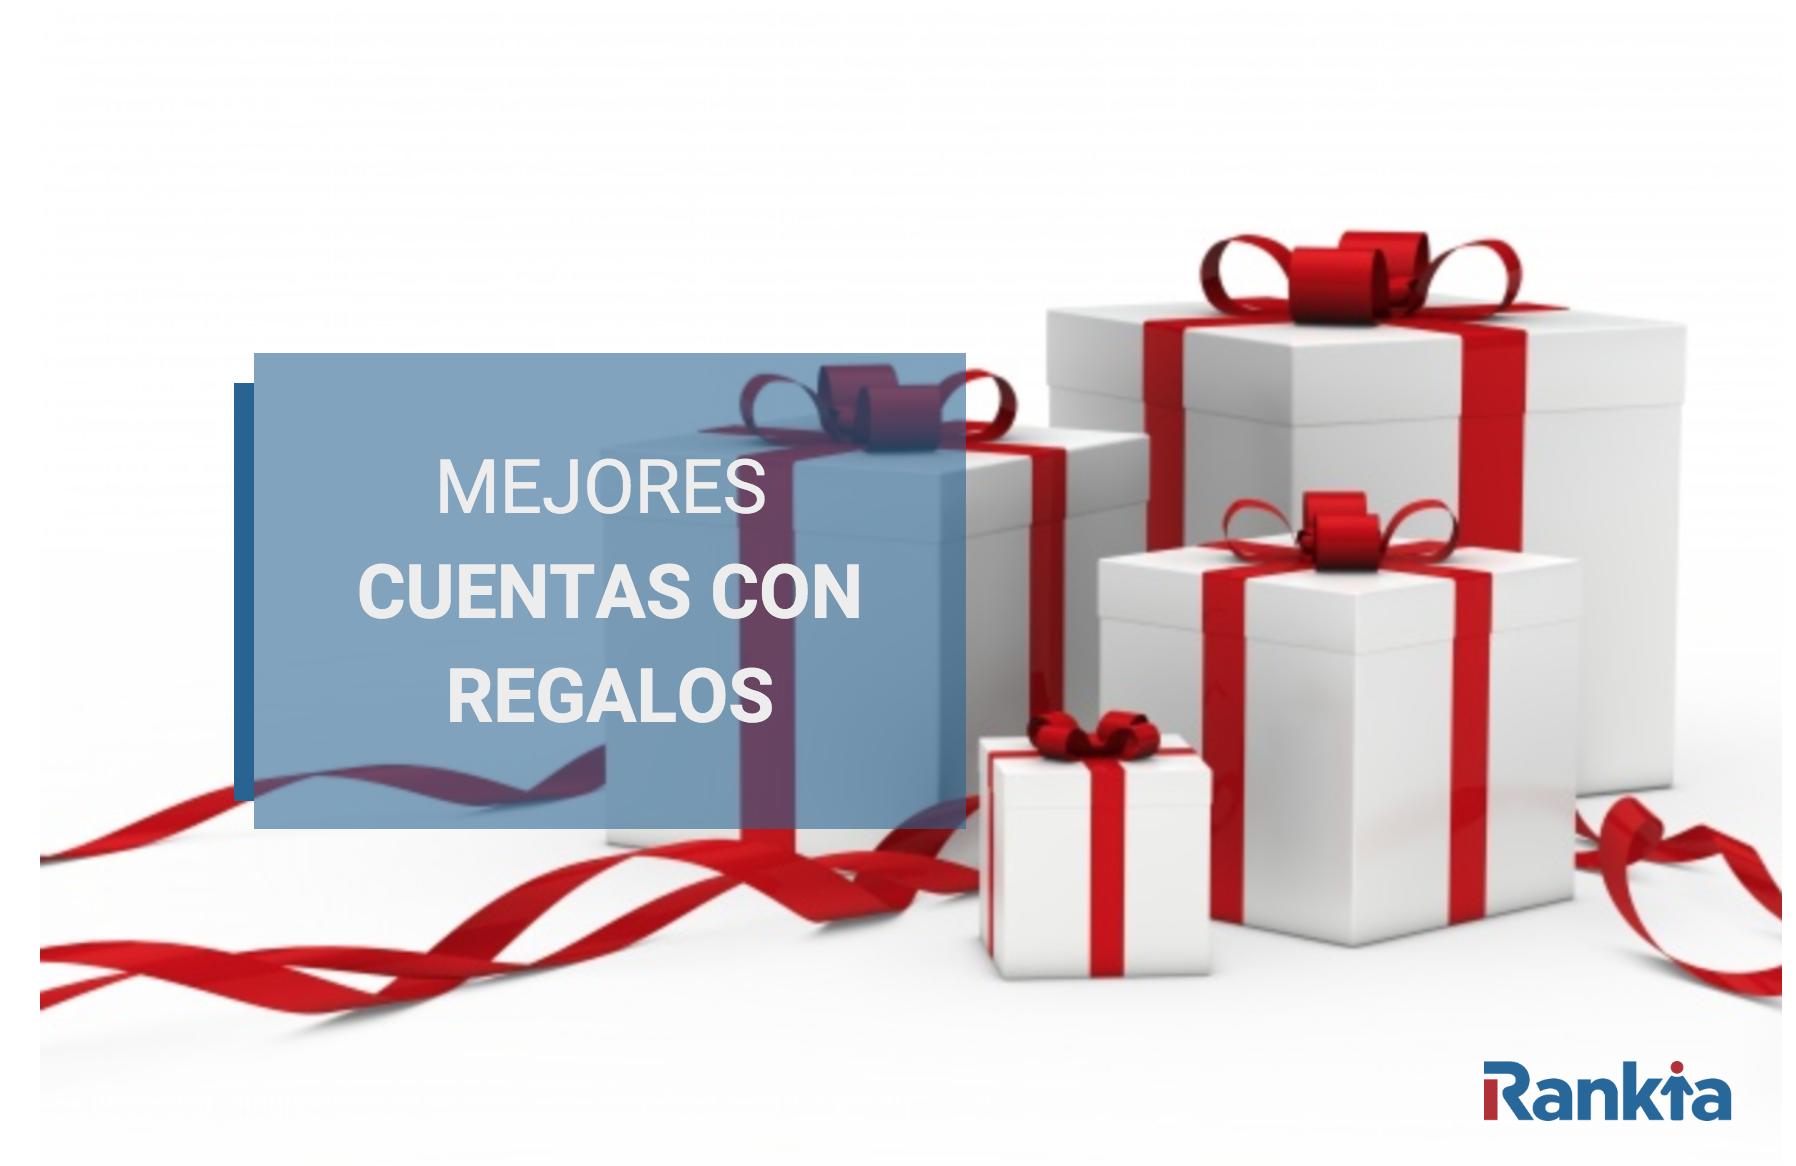 Mejores cuentas con regalos